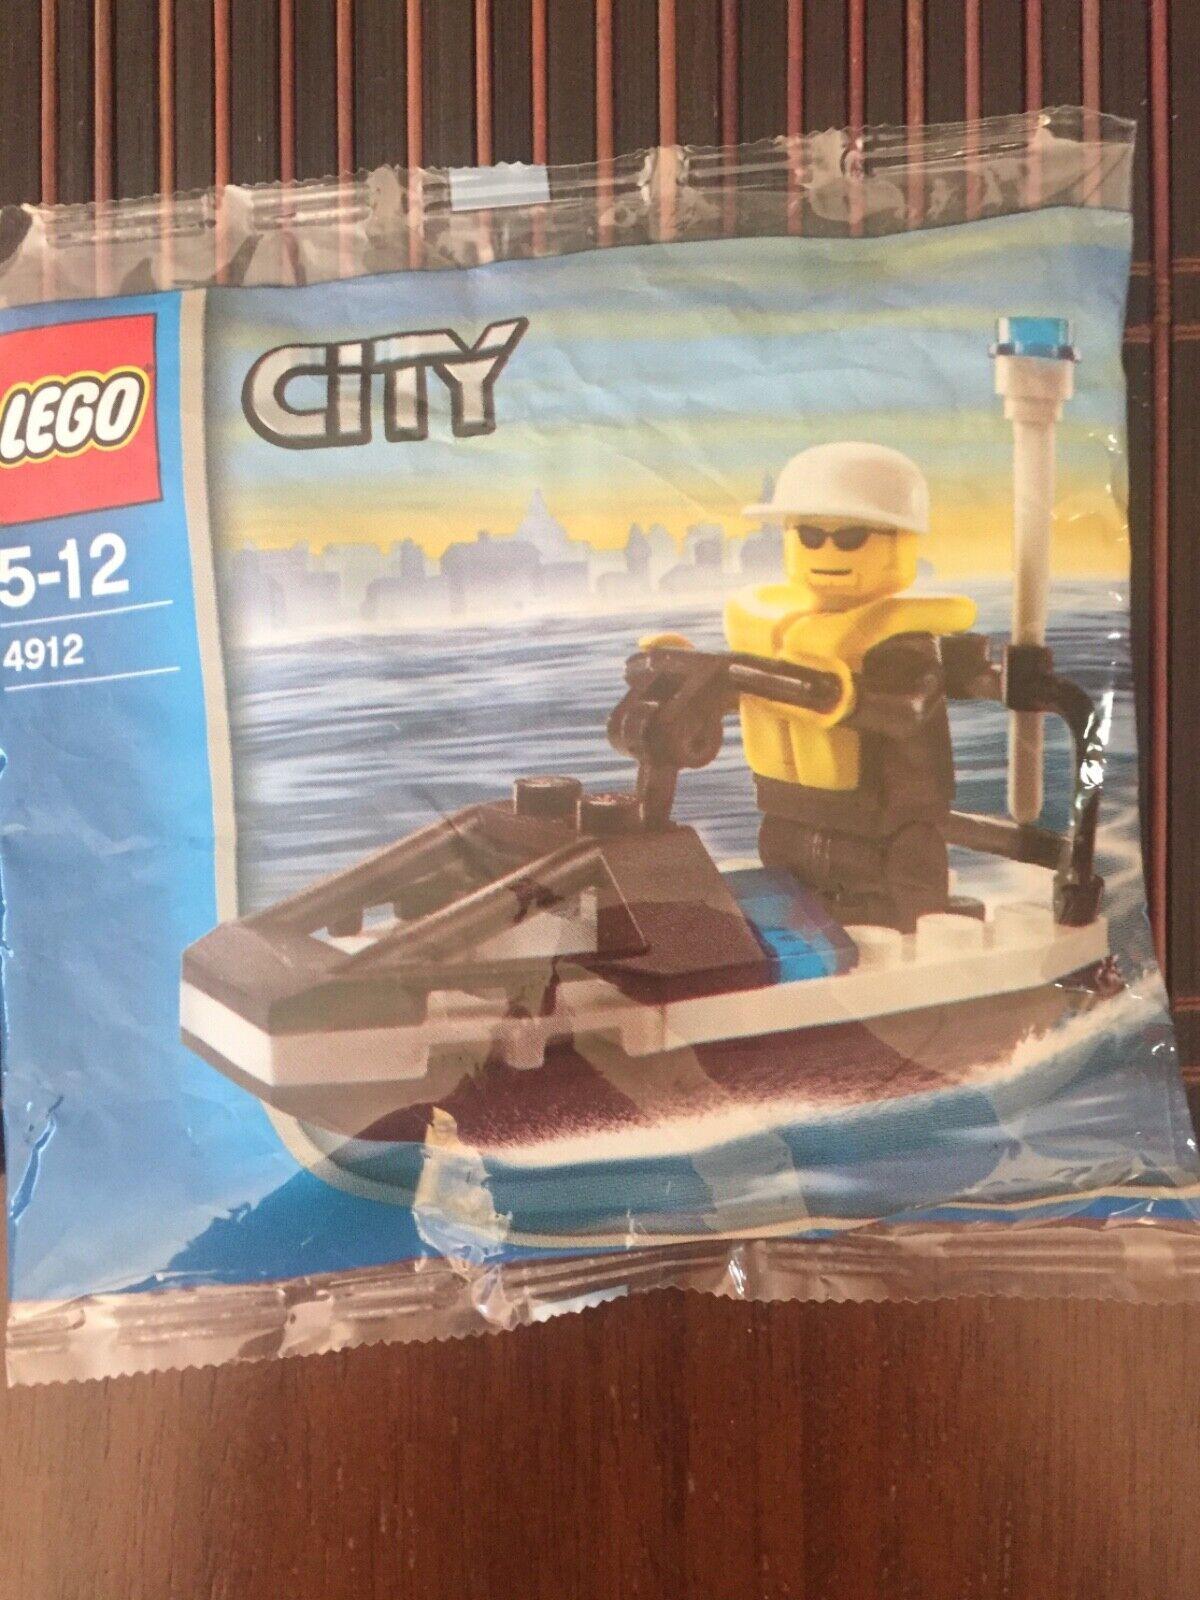 LEGO 4912 City Police JetSki RARE (2005) New Unopened Factory Sealed Promo